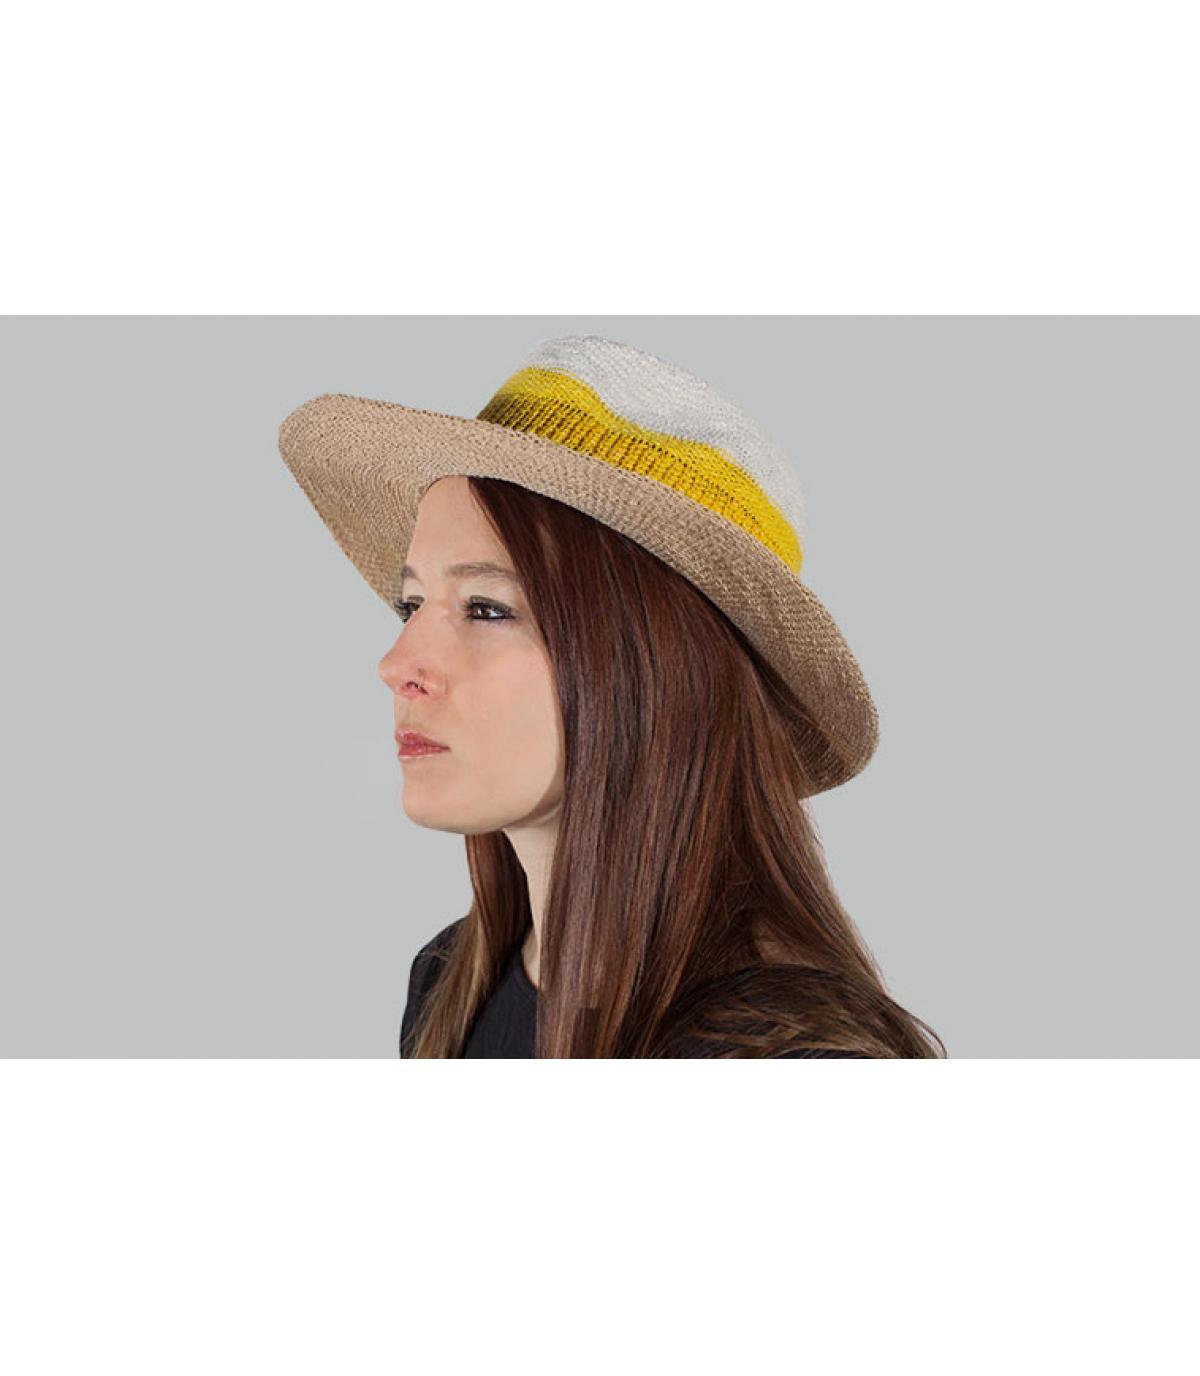 sombrero raya amarillo